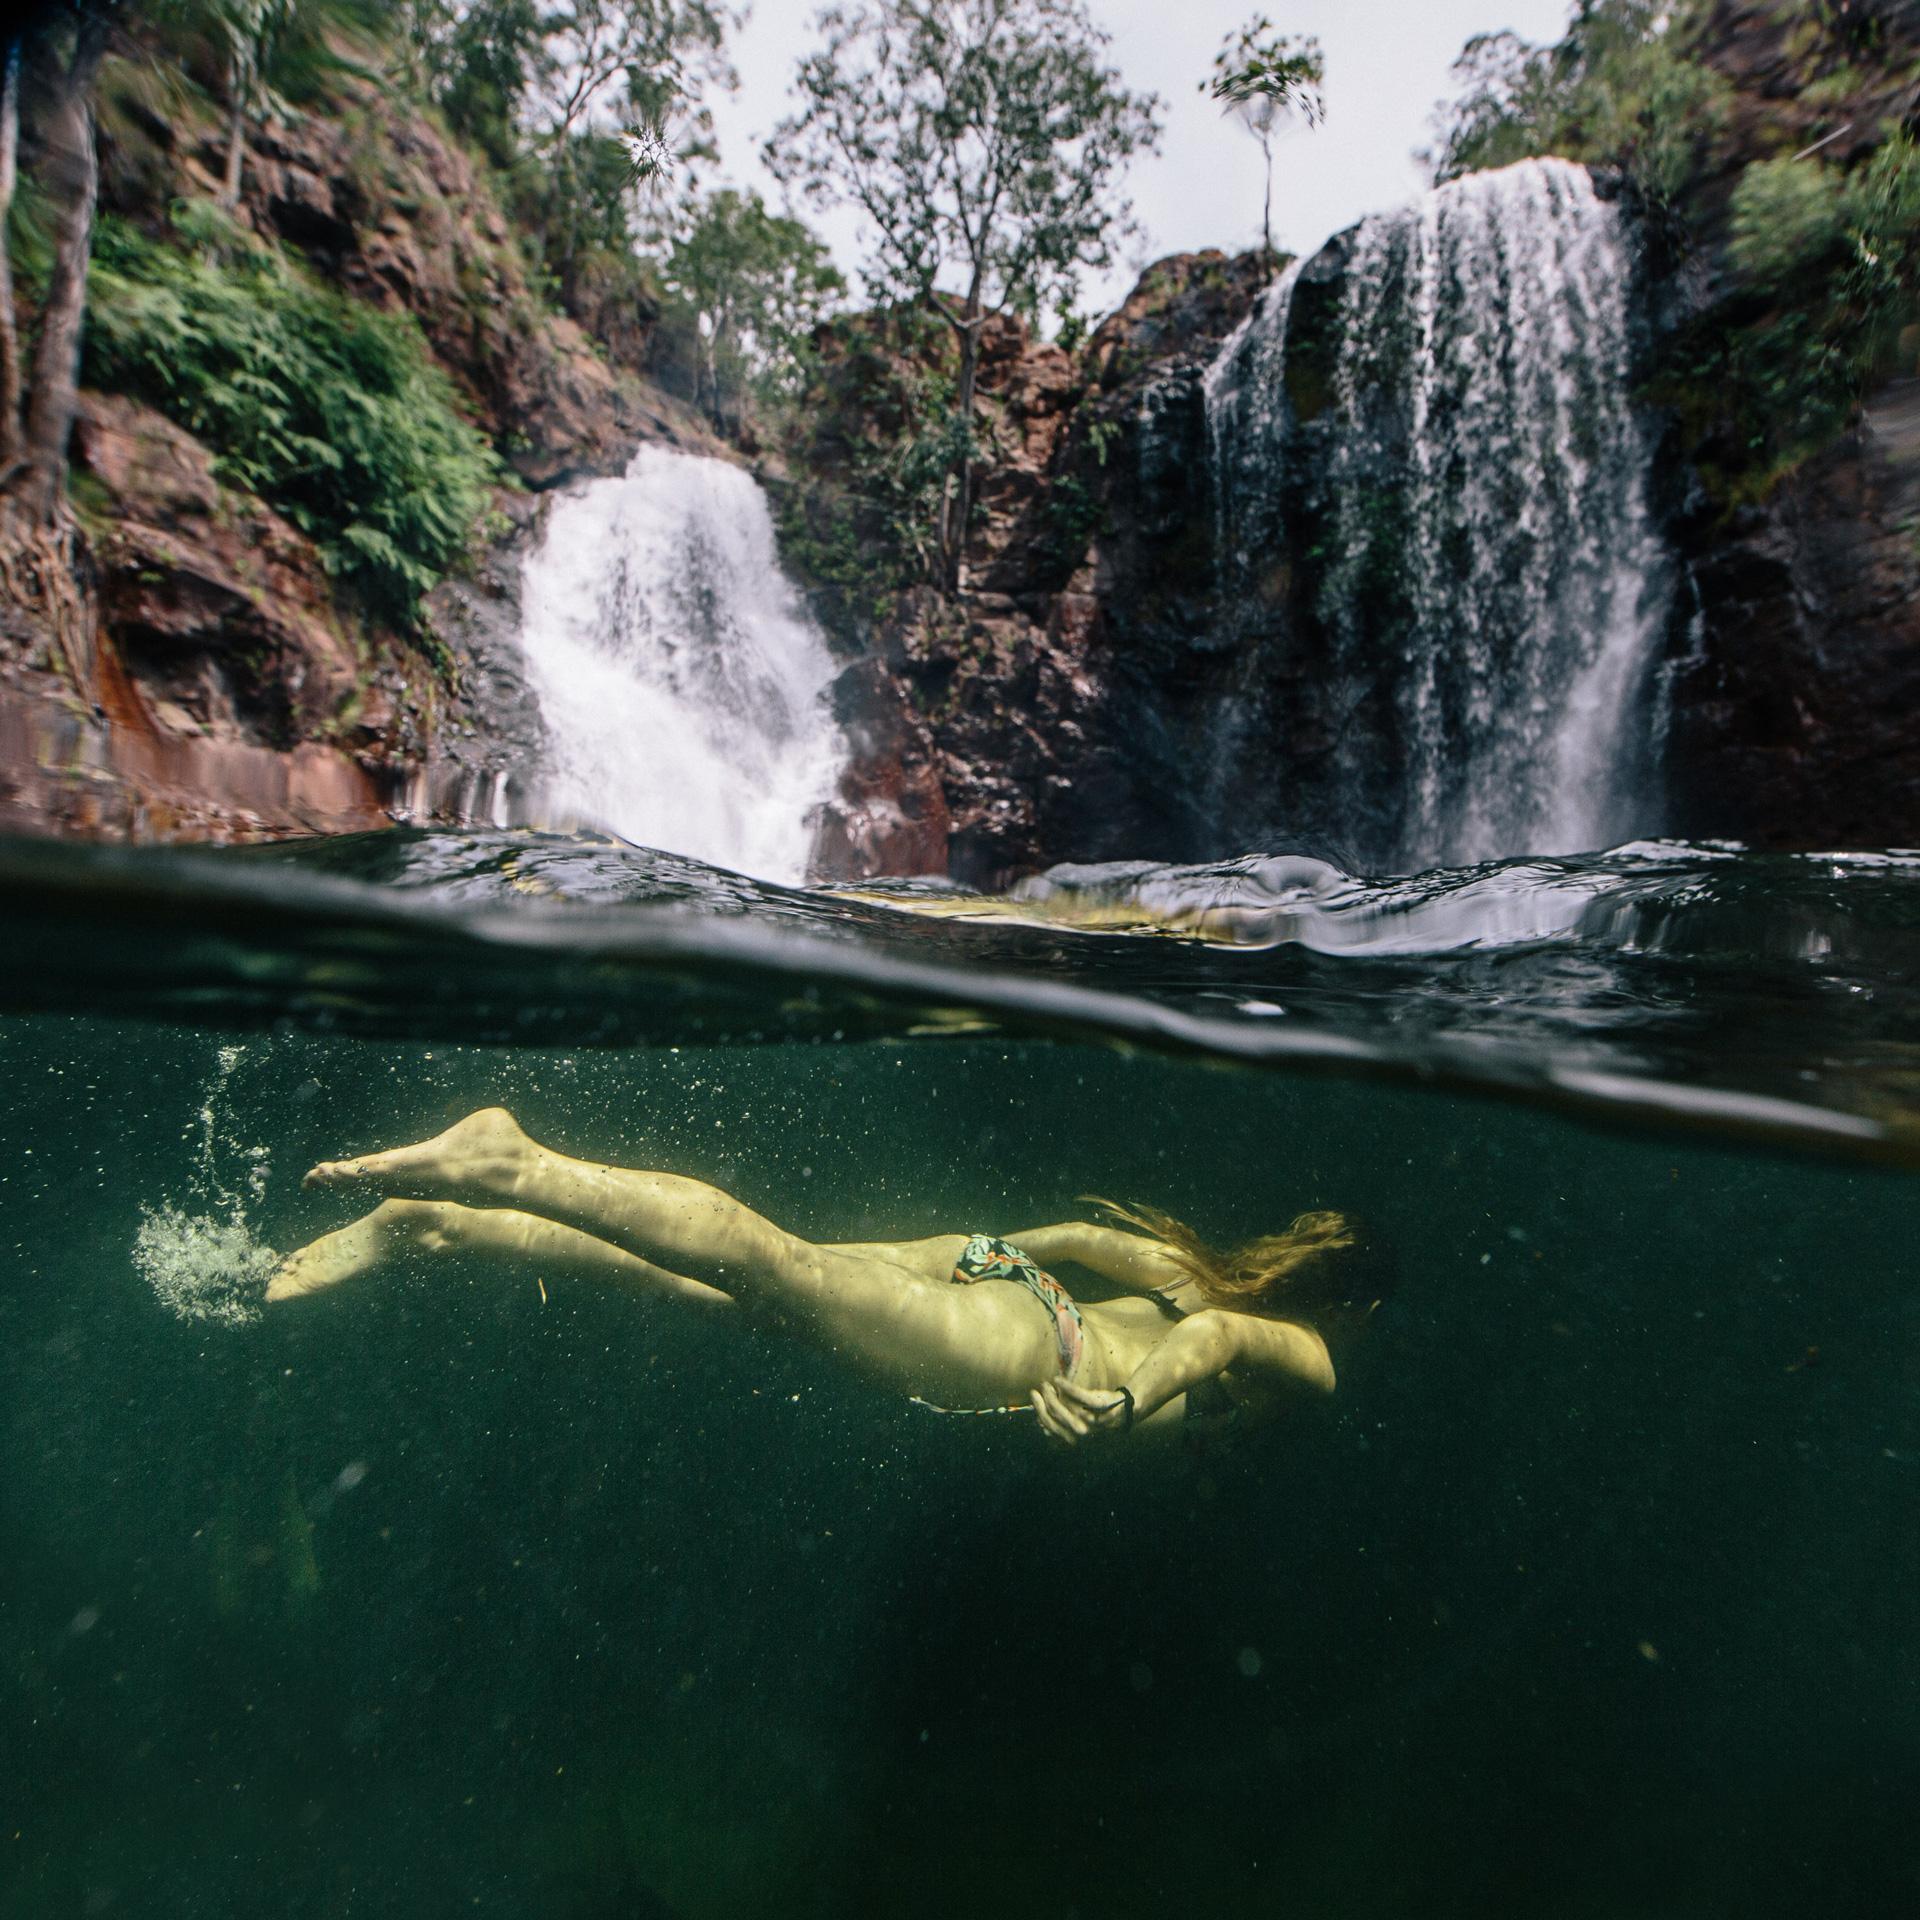 Melissa-Findley-Photographer-Portfolio-WATER-17.jpg